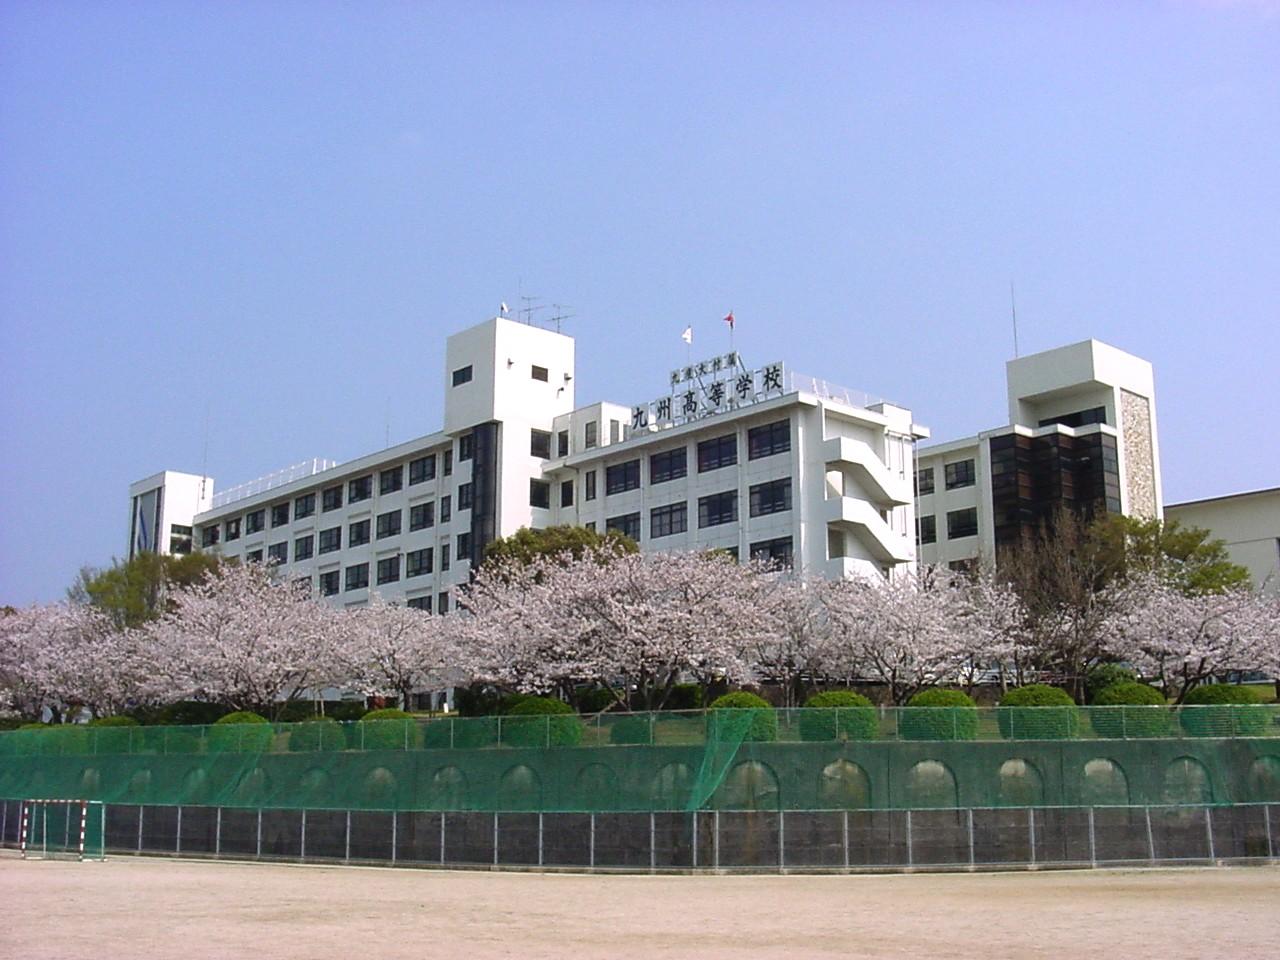 九州中村高等学園 九州産業大学付属九州高等学校